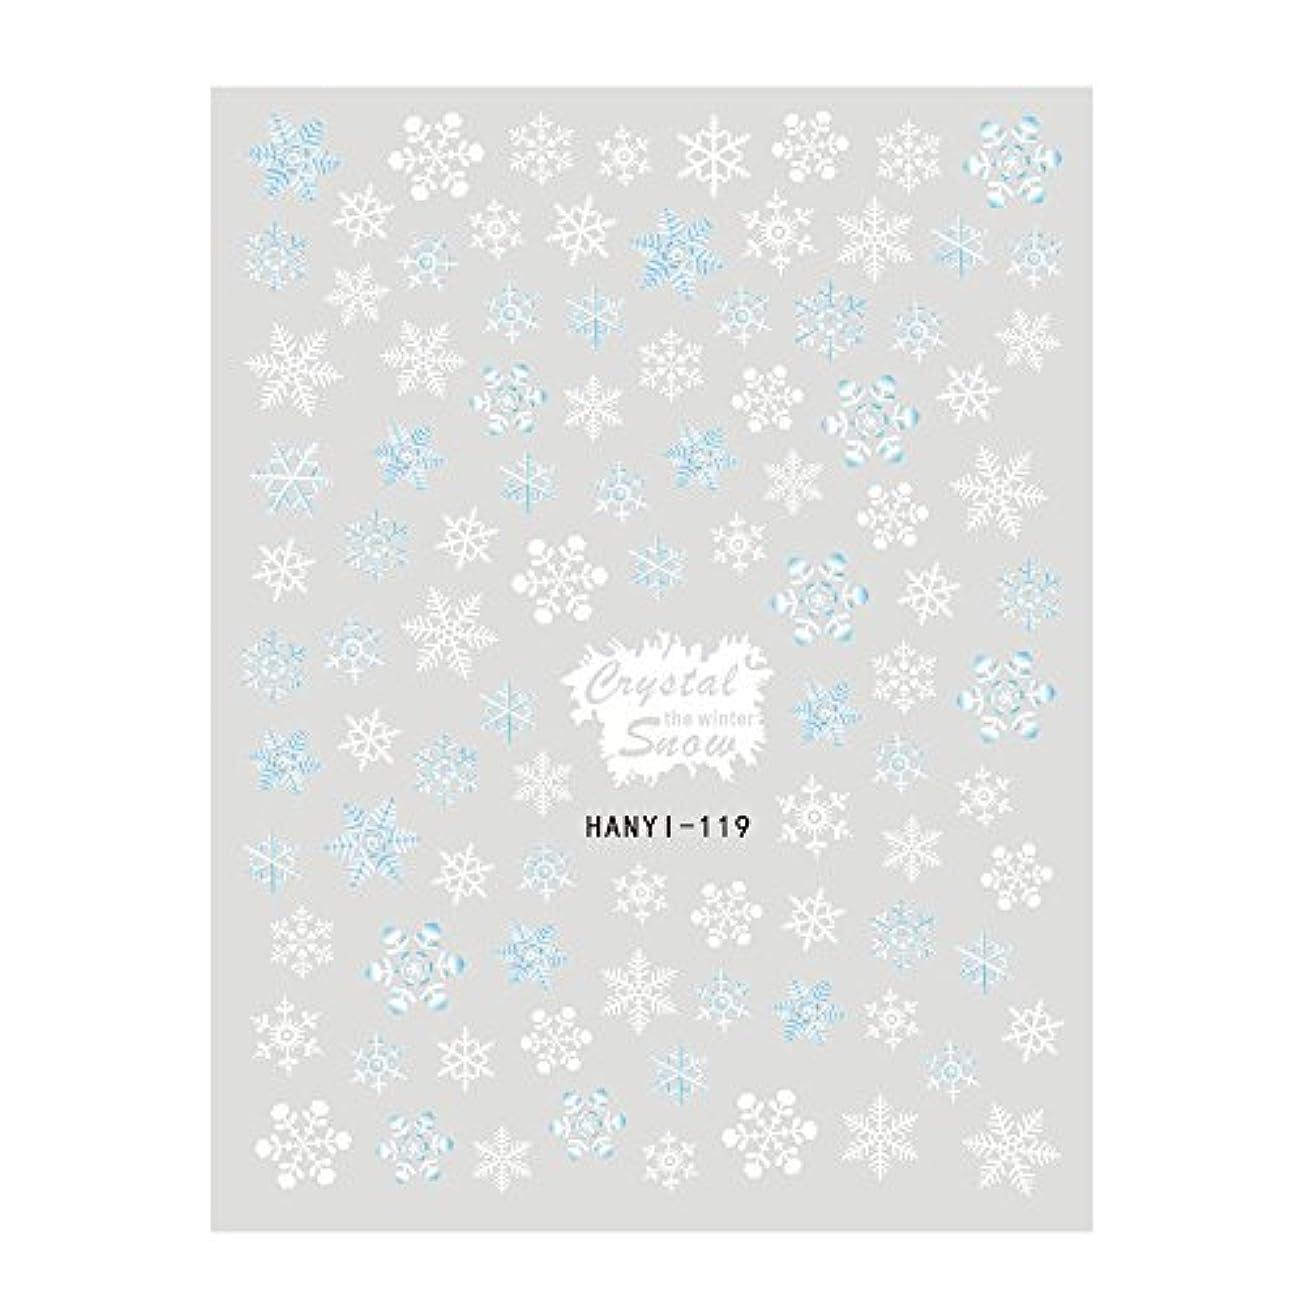 想起落ちたきれいにスノークリスタルシール 【HANYI-119】スノー フラワー 雪 結晶 雪華 冬 ネイルシール ジェルネイル レジン ハンドメイド